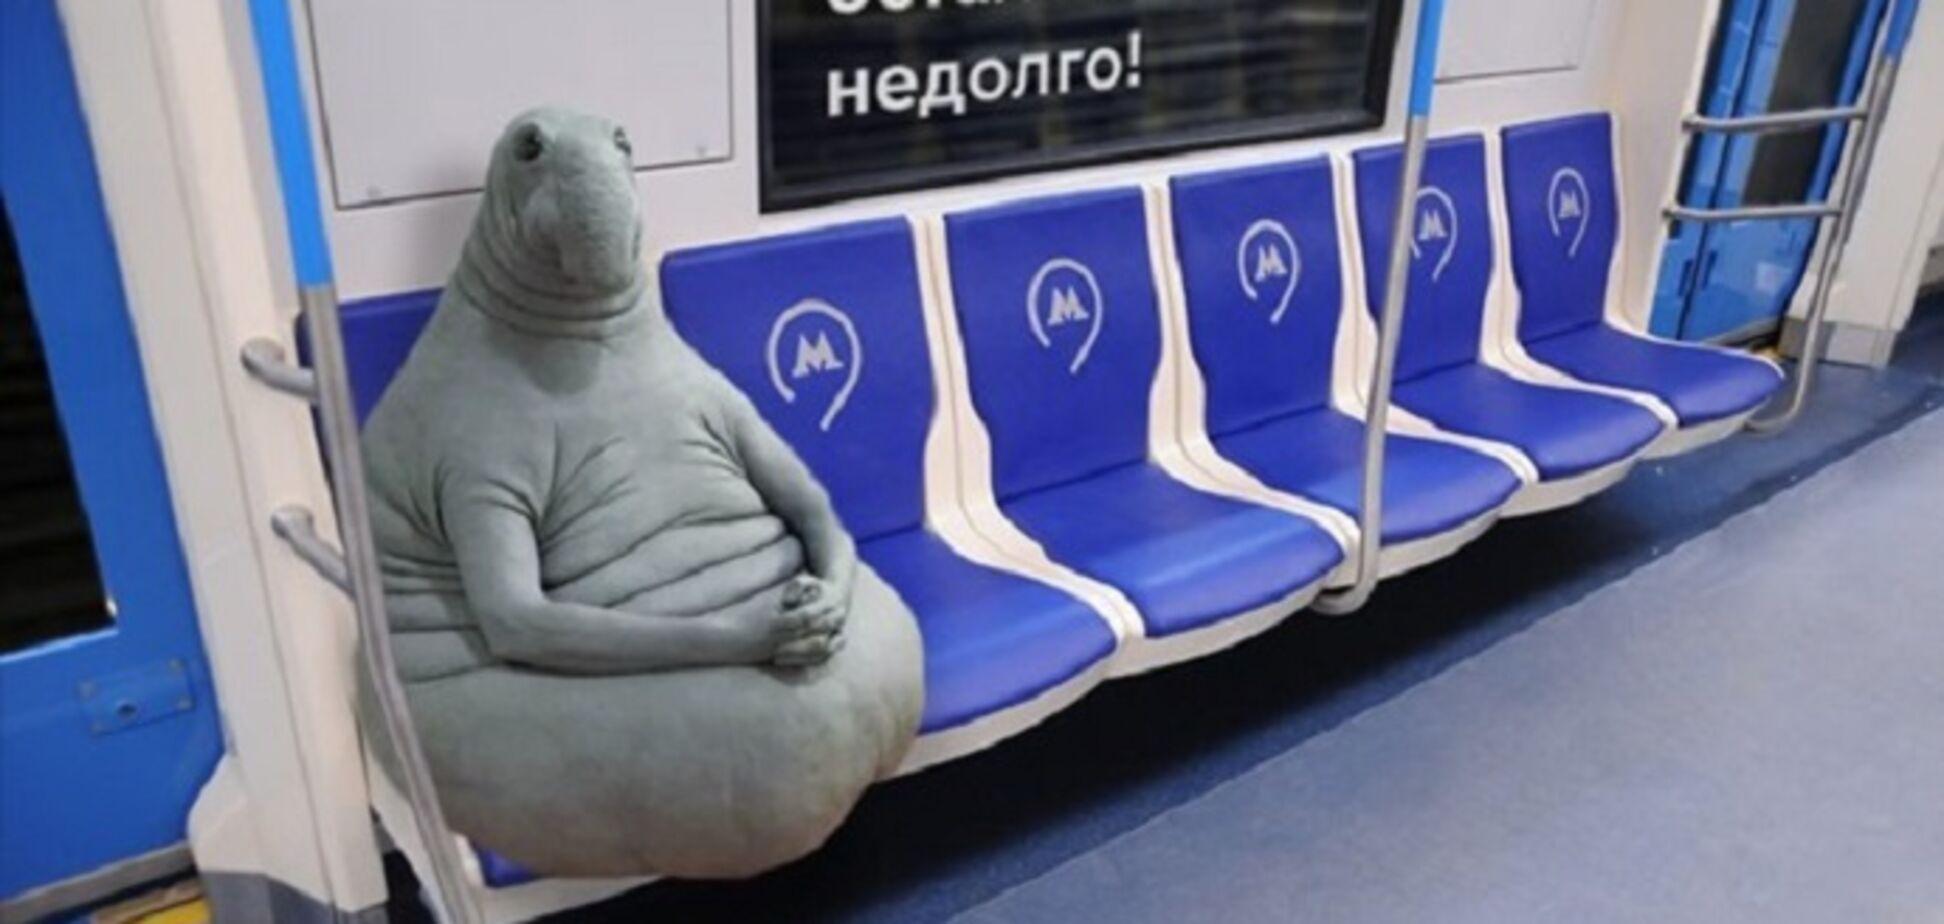 Будет ли метро на Троещину? Что ответил известный маг